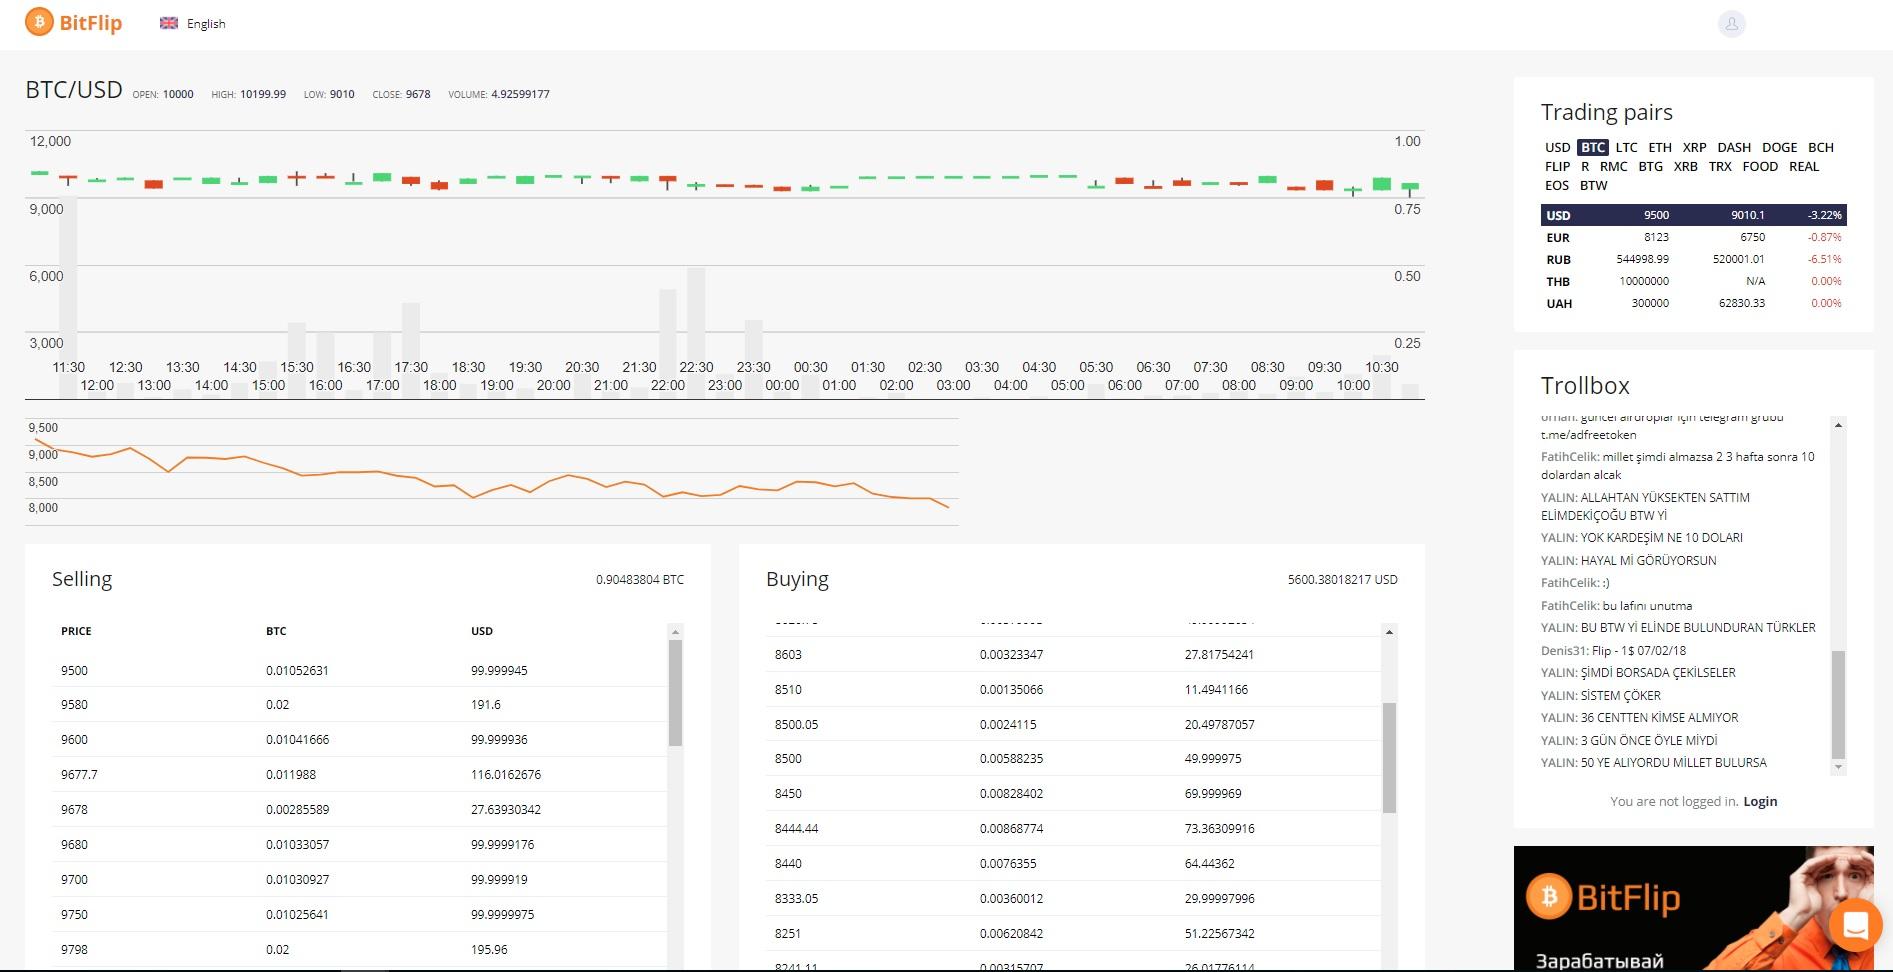 BitFlip Trading View